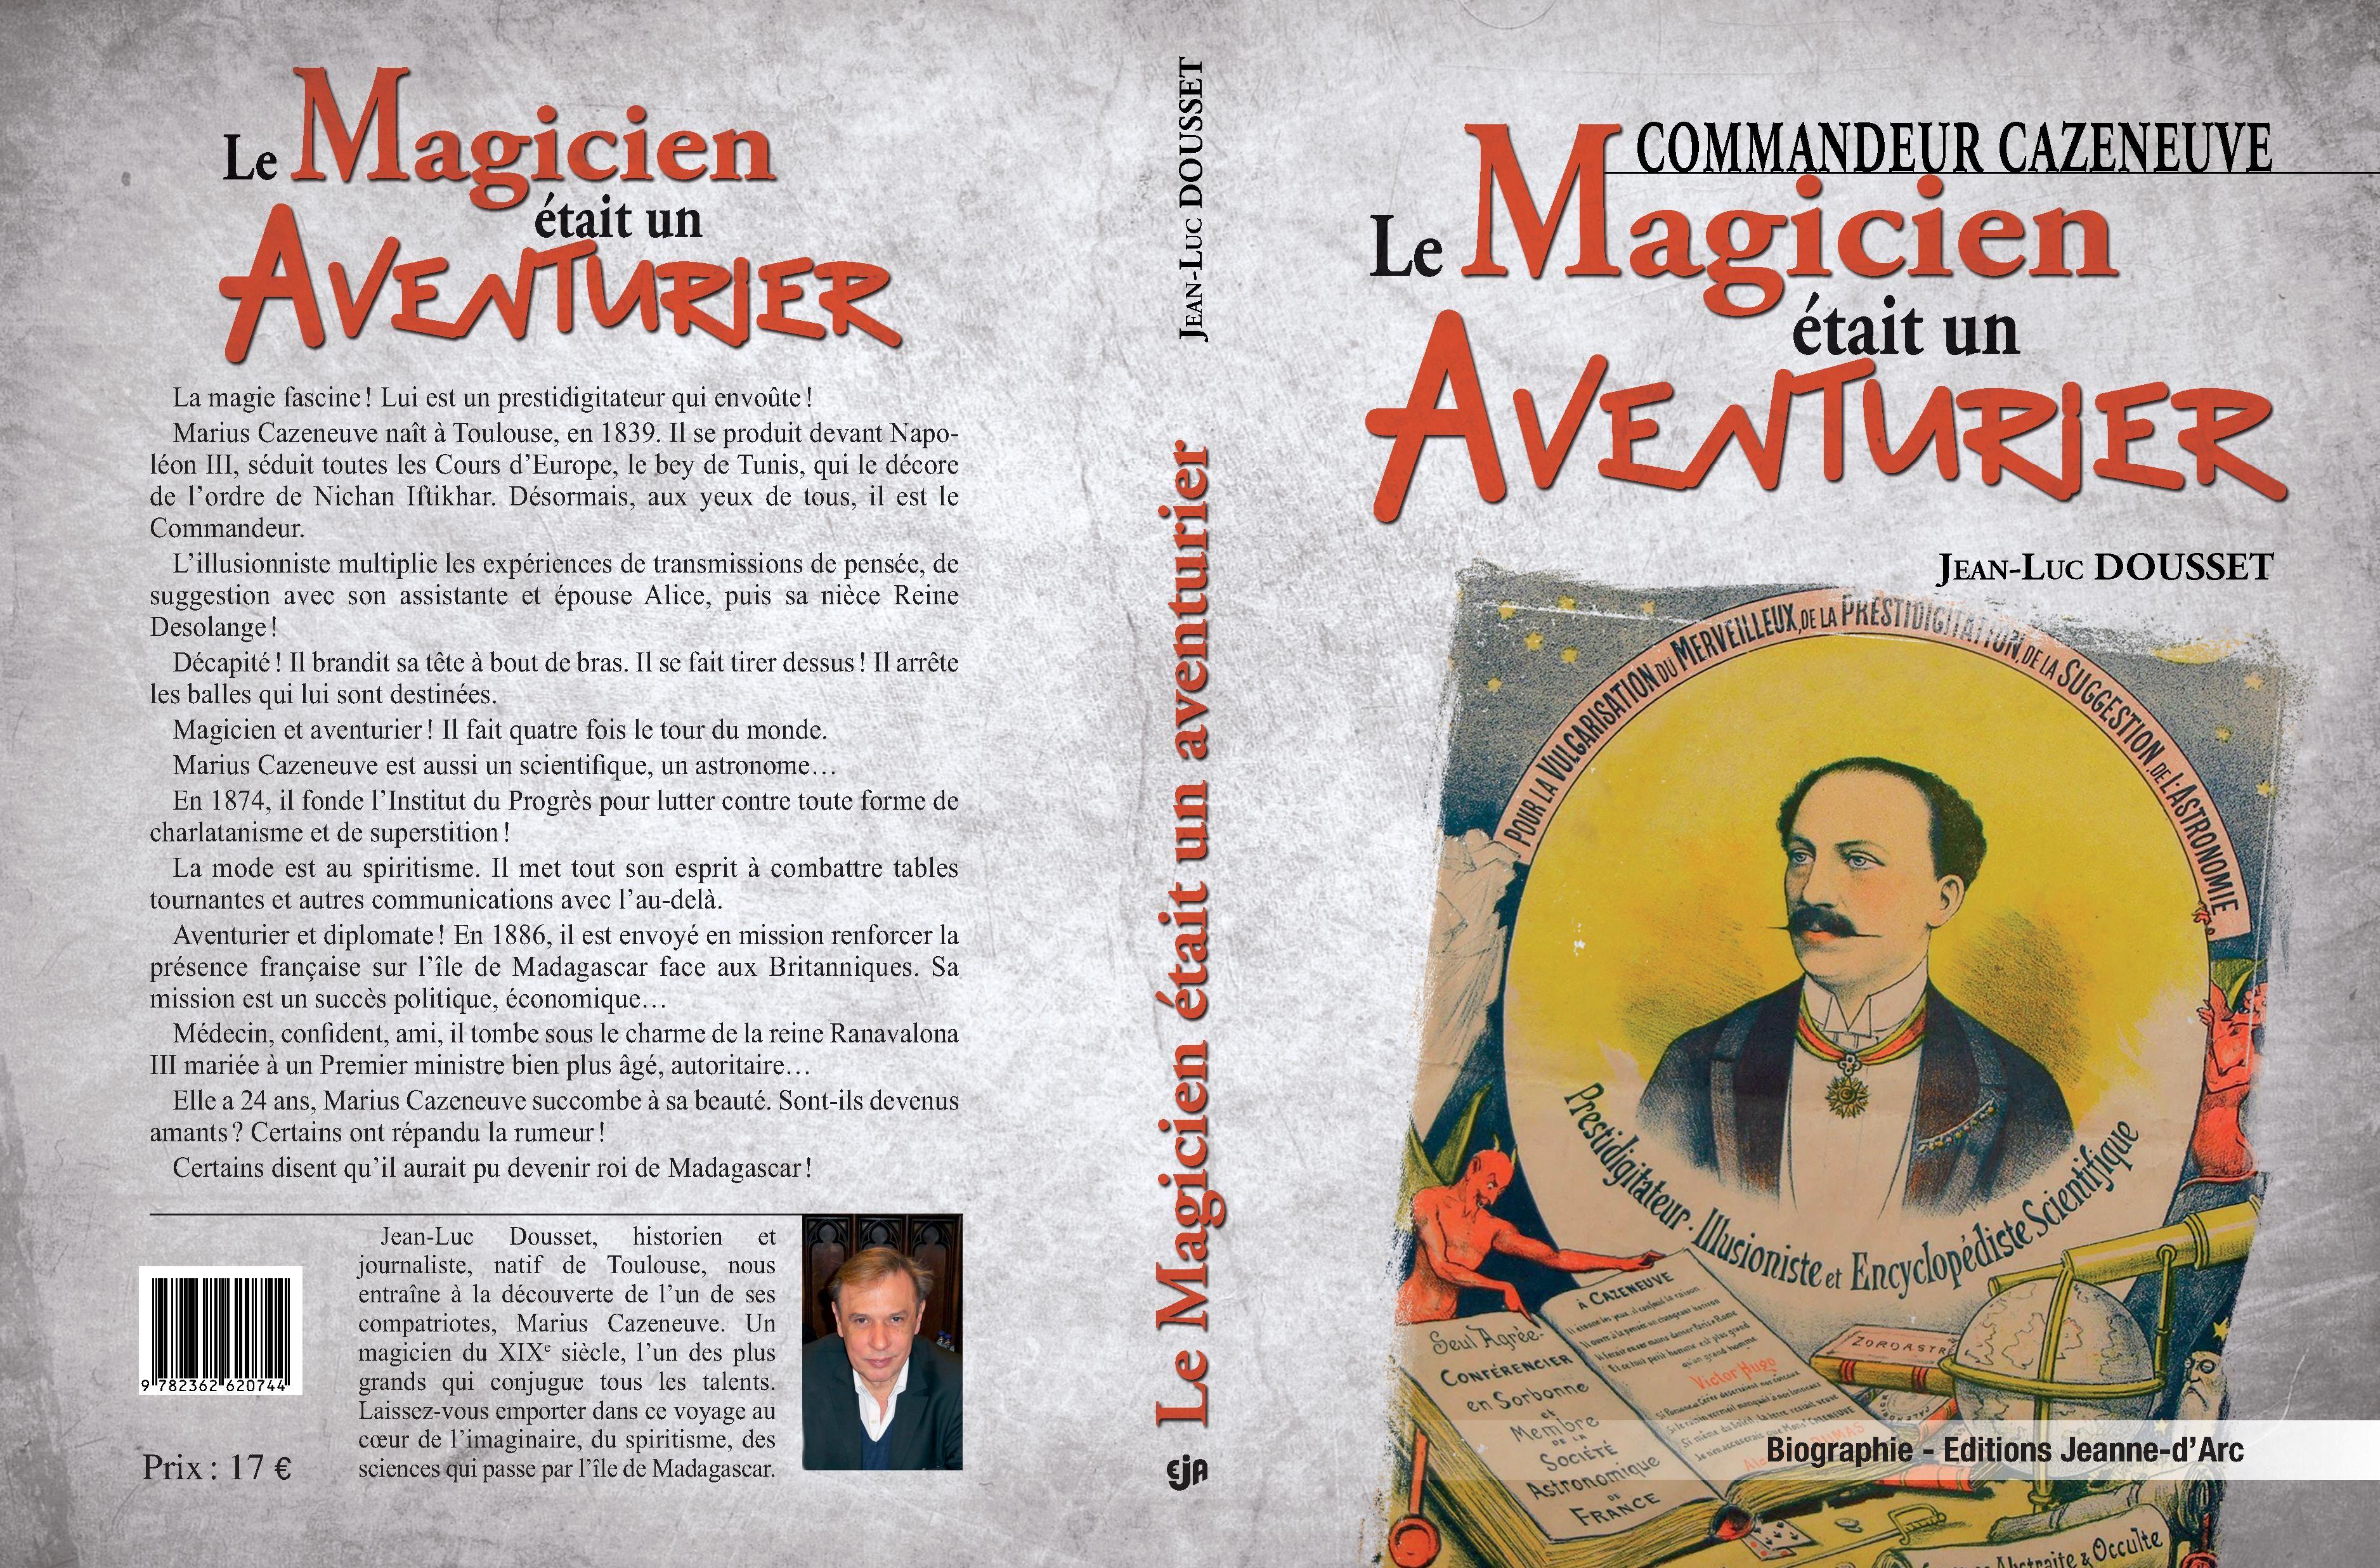 couv_le magicien (4)